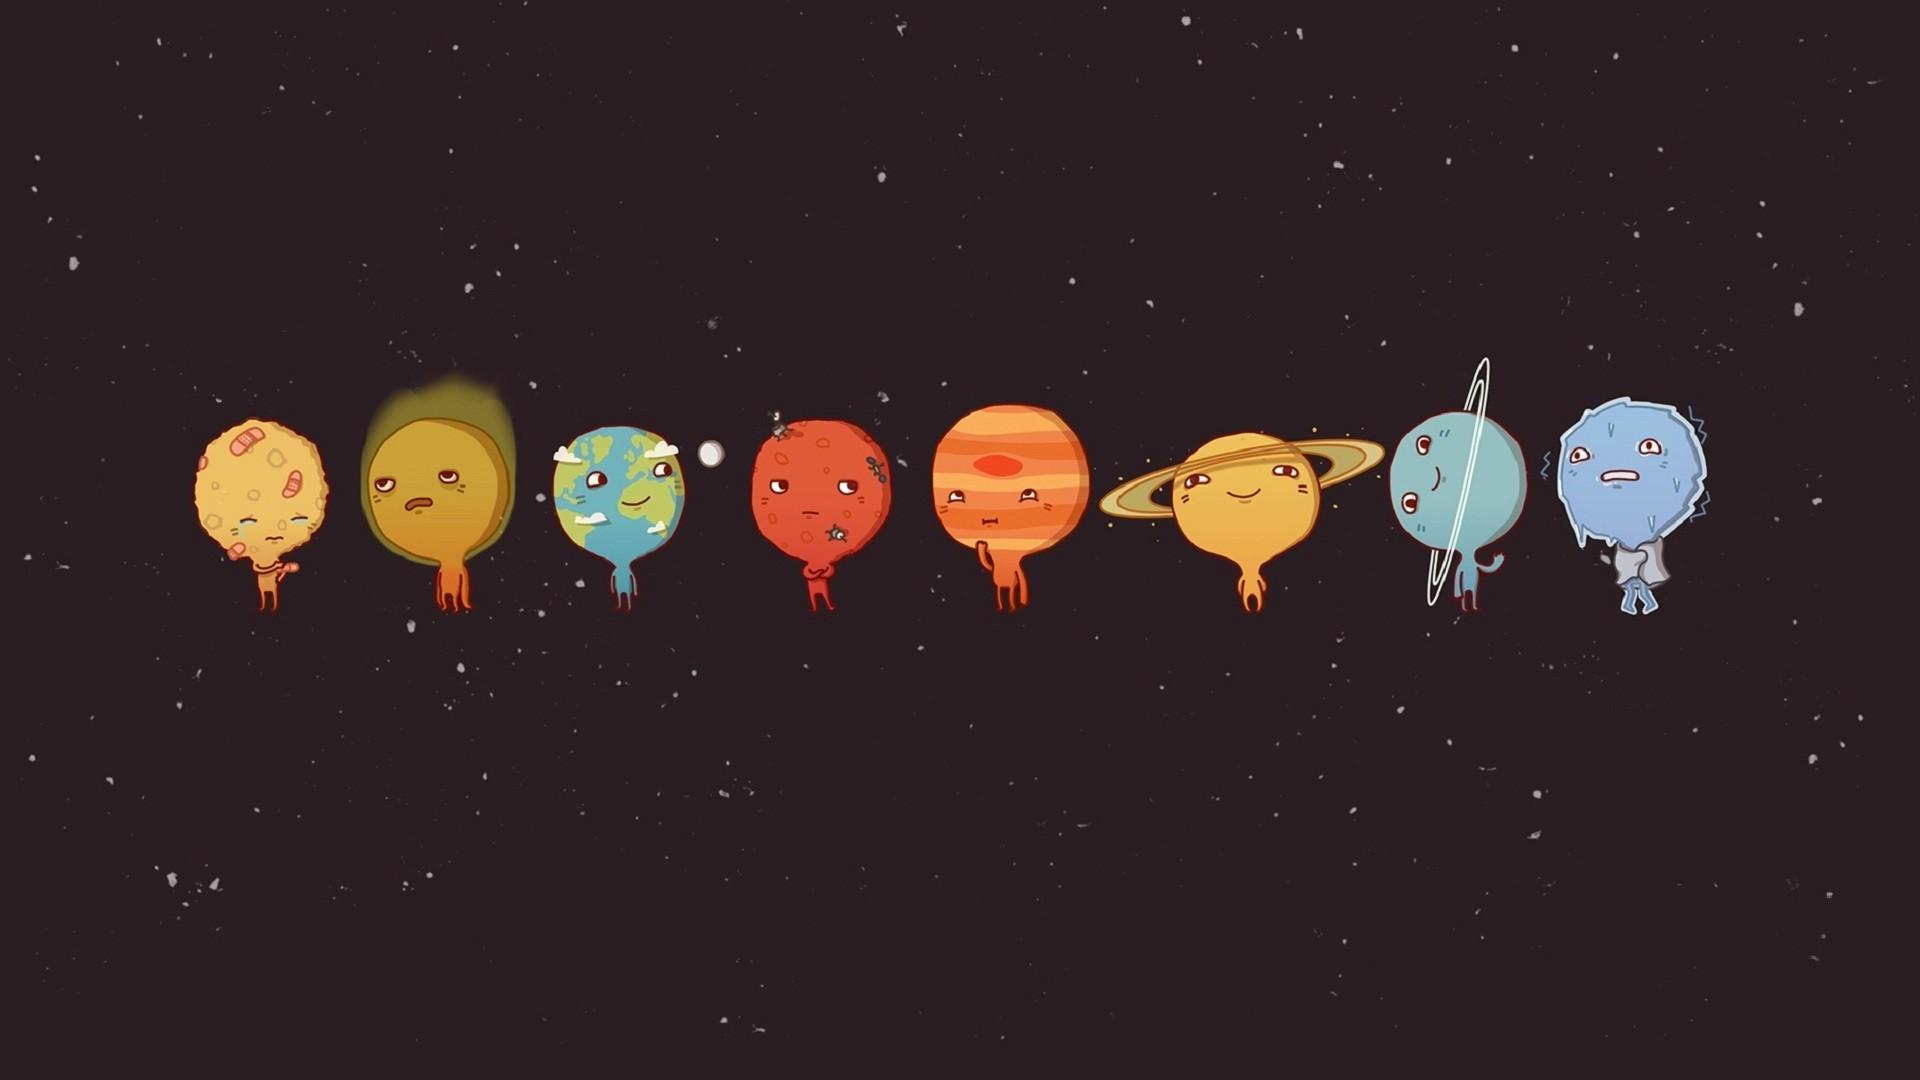 Planet People HD Wallpaper